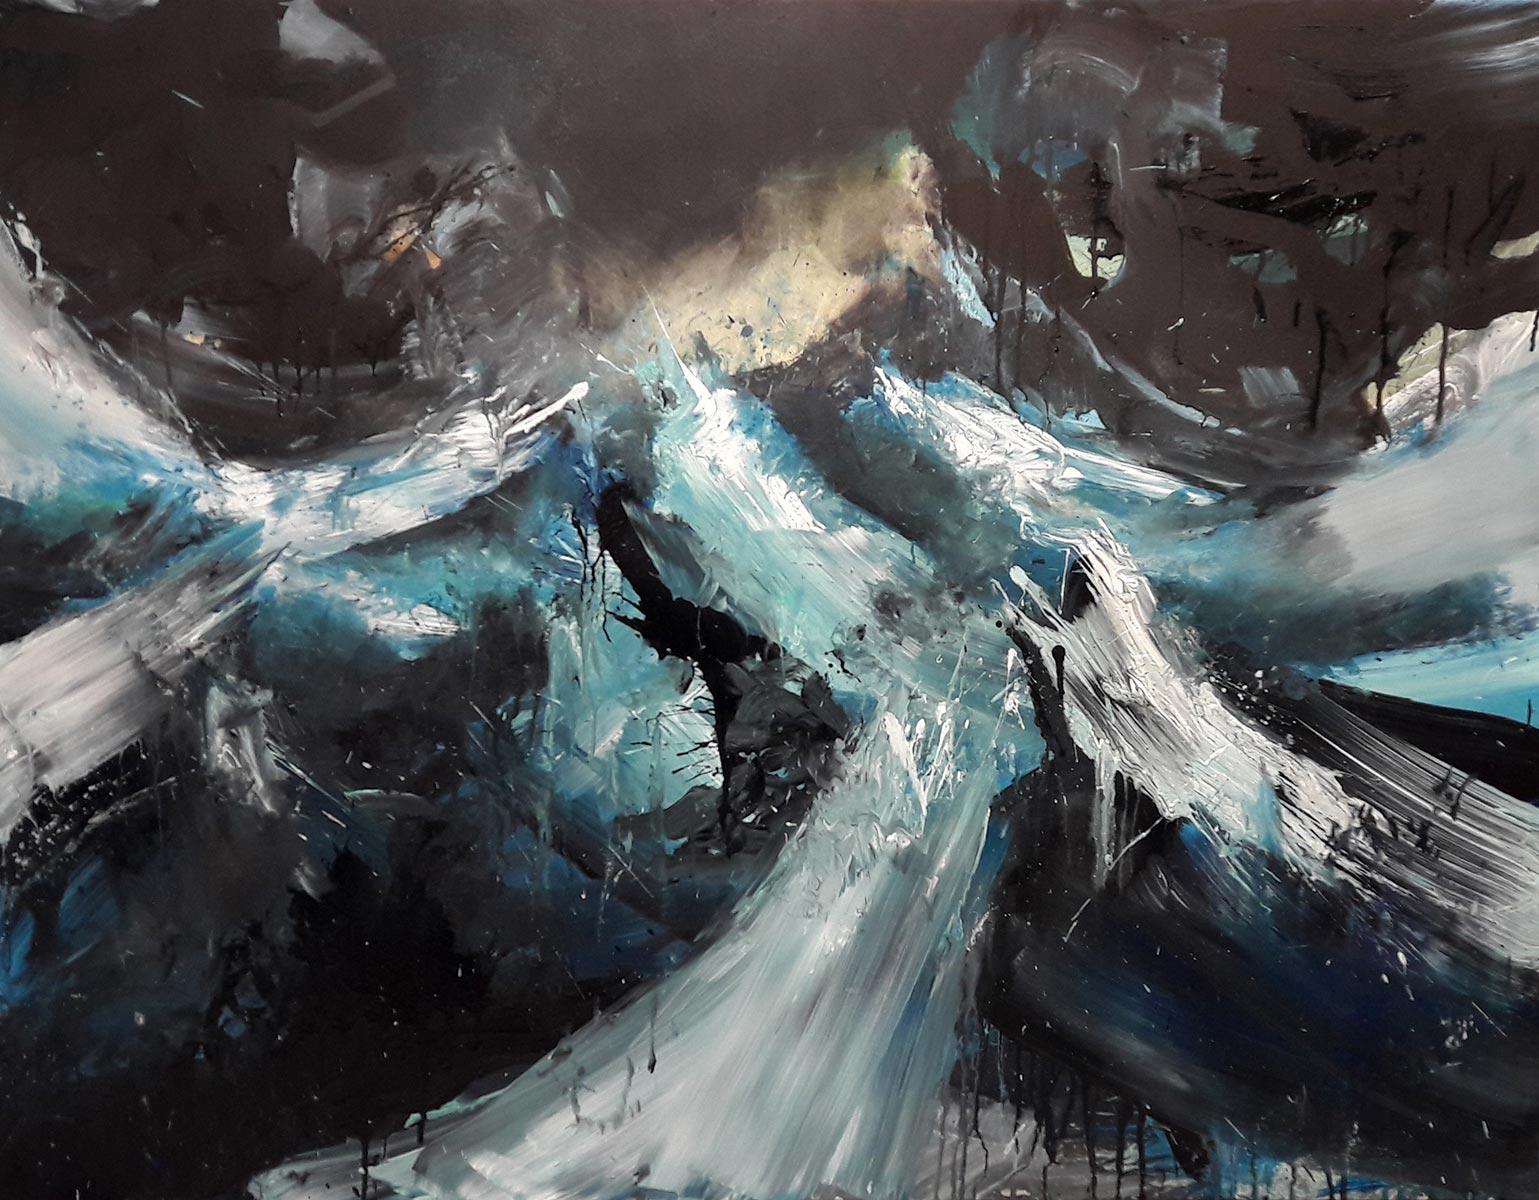 Tempête. 2018, acrylique sur toile, 89 x 116 cm